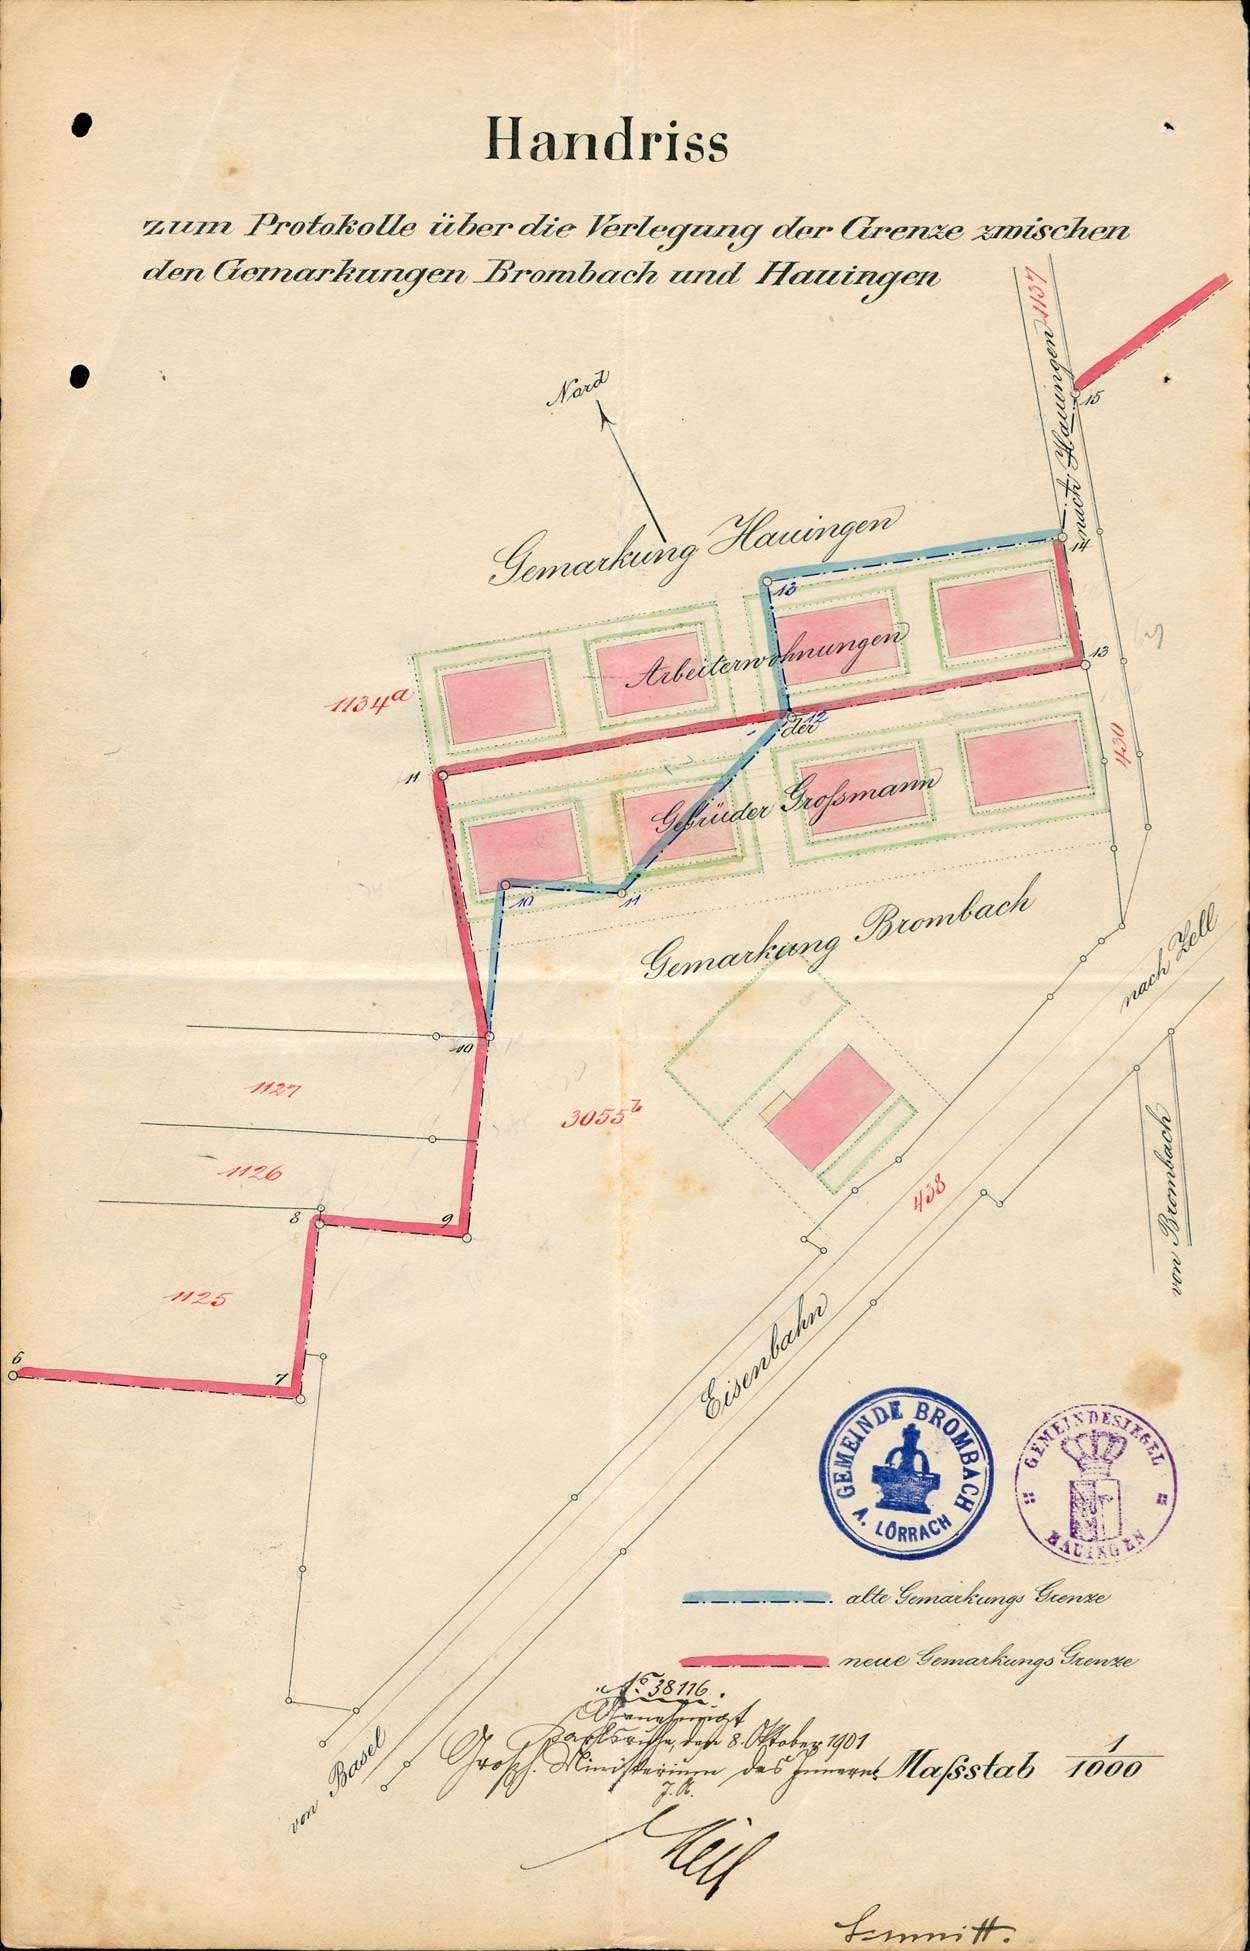 Verlegung der Gemarkungsgrenzen zwischen den Gemeinden Brombach und Hauingen, Bild 1